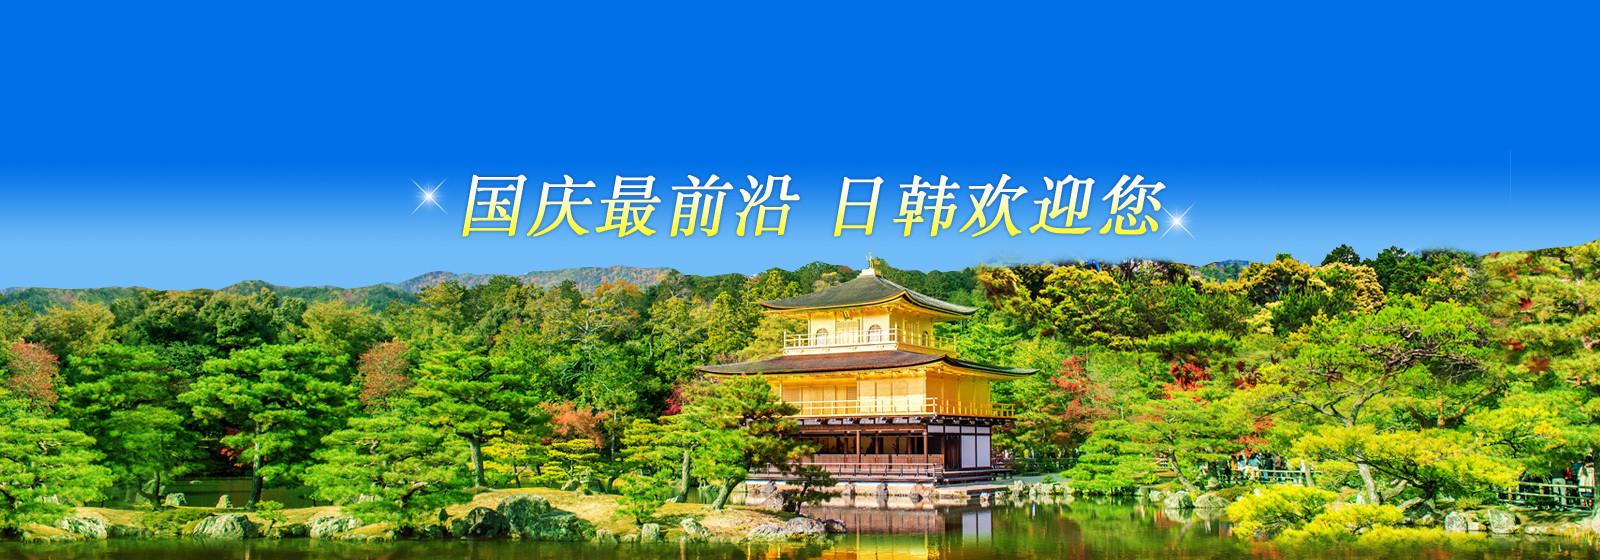 国庆最前沿  日韩欢迎您